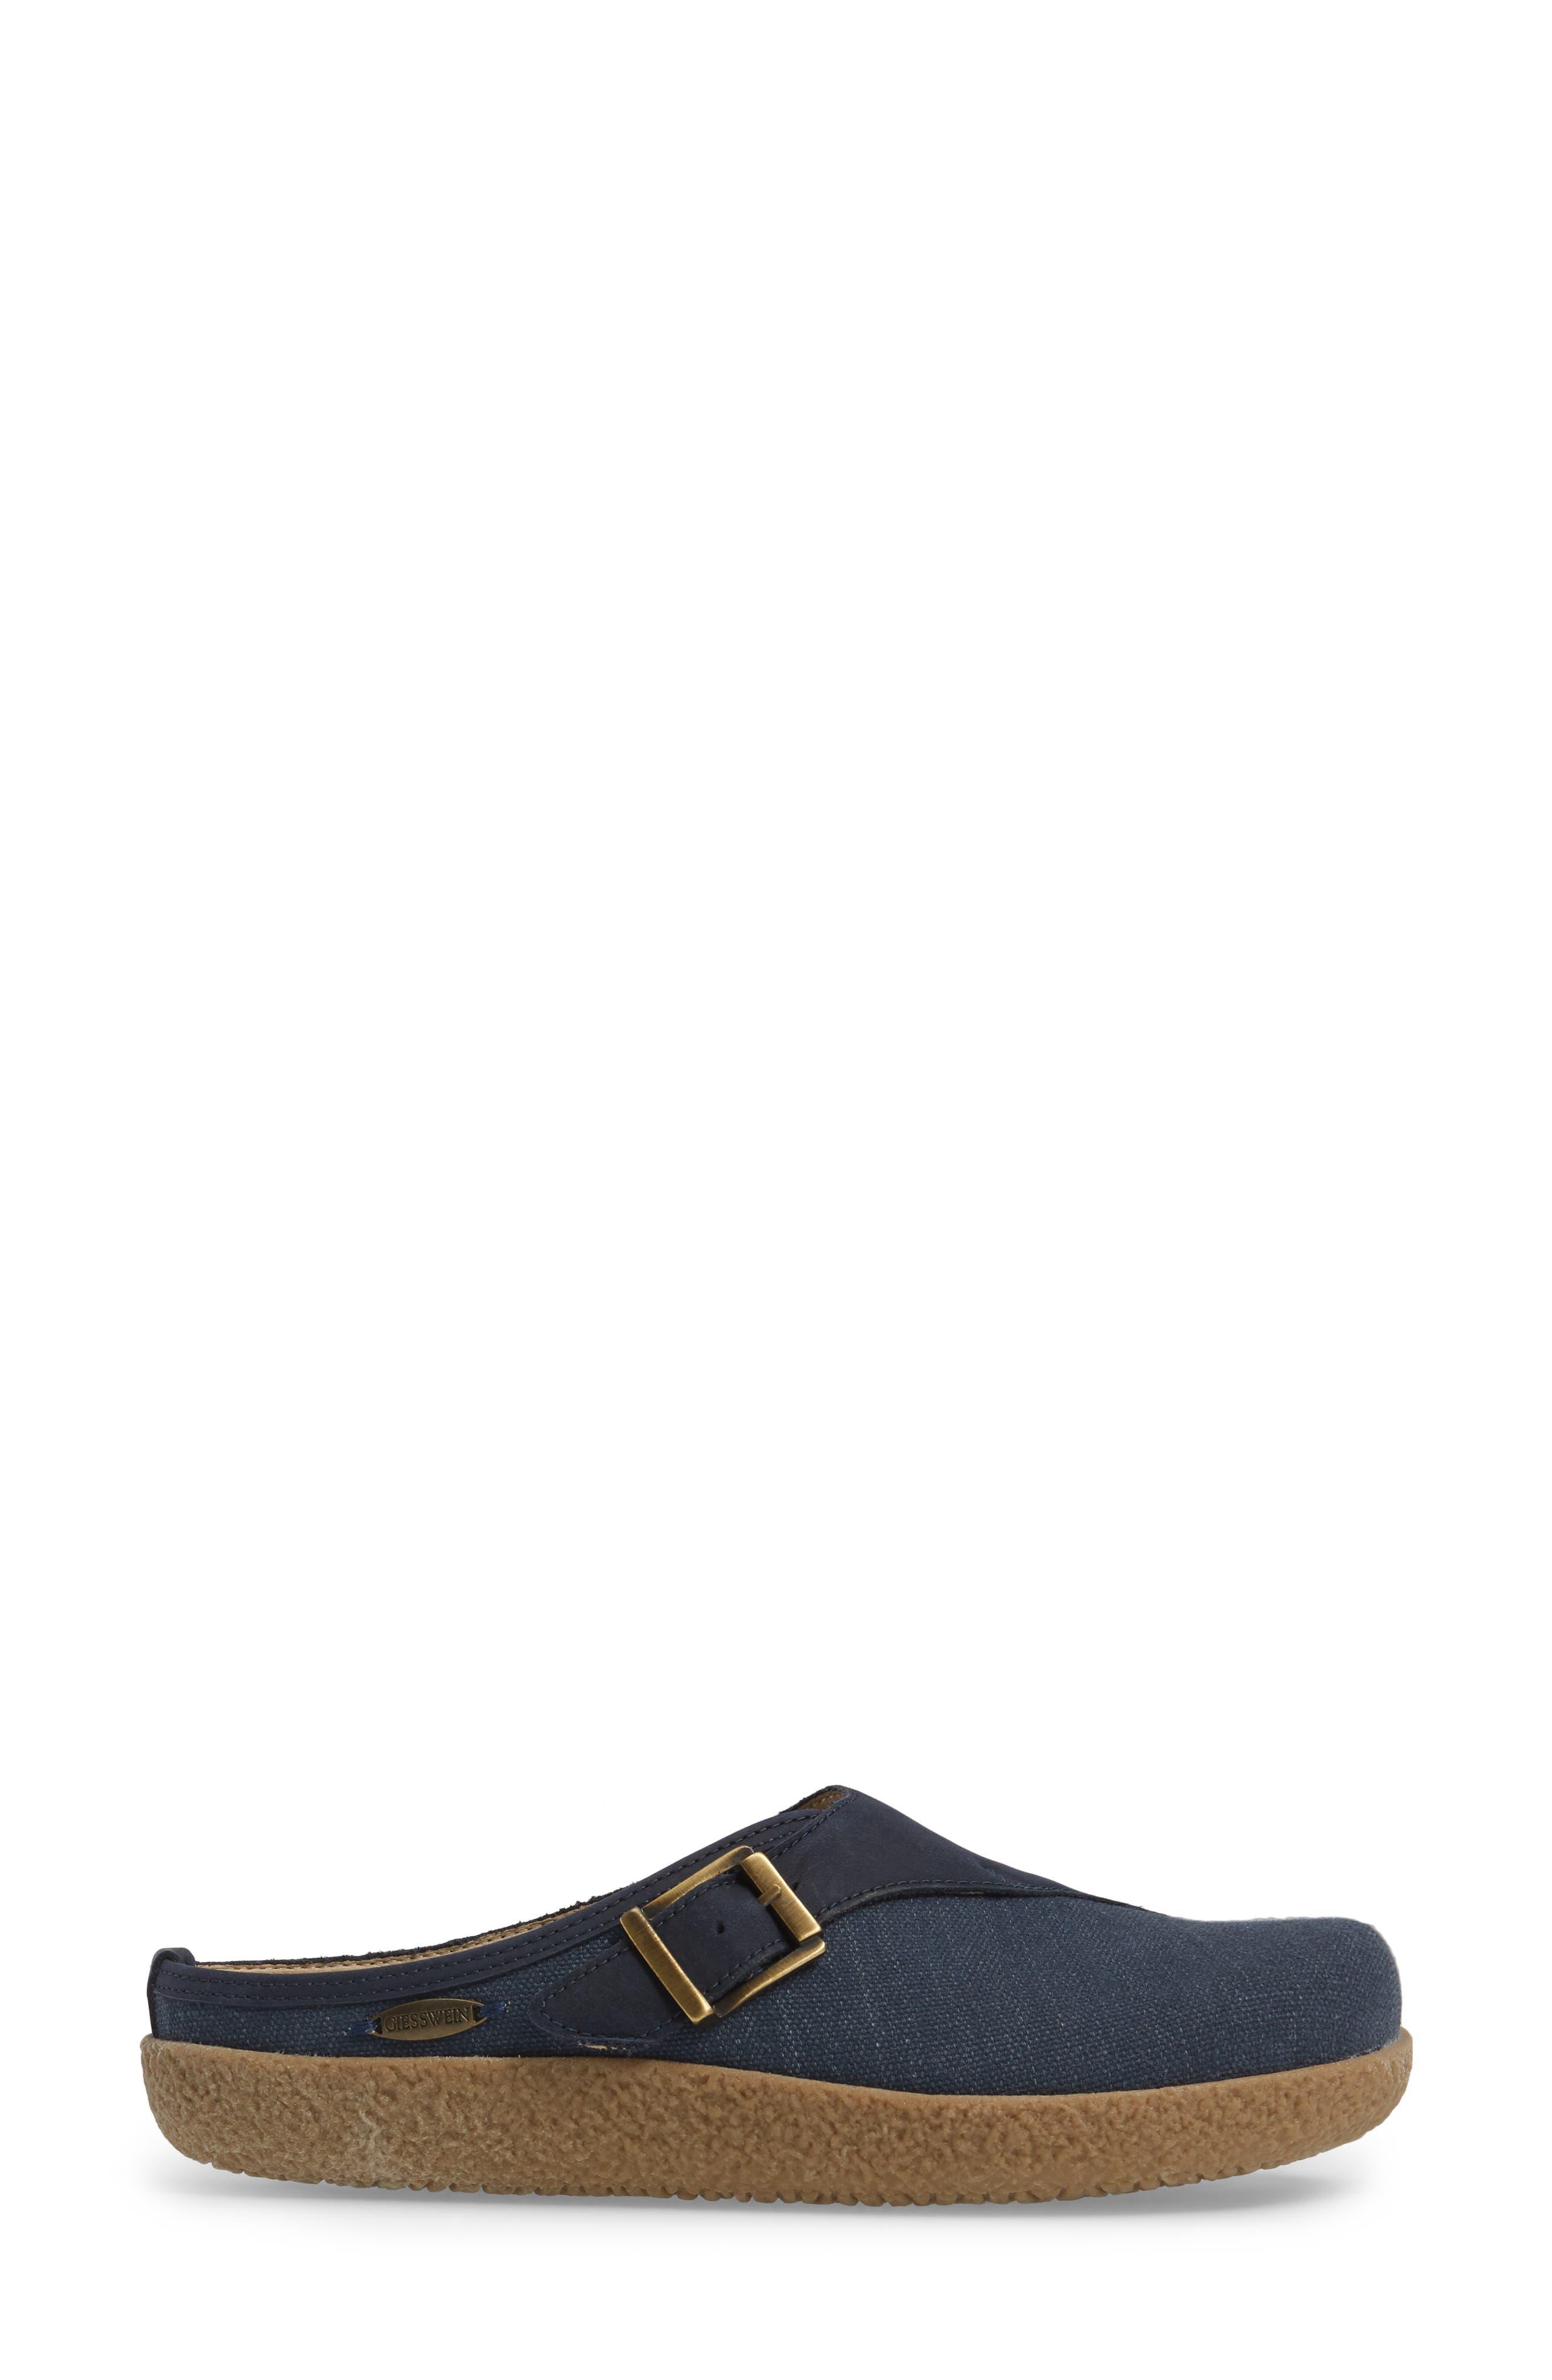 Radler Slipper Mule,                             Alternate thumbnail 3, color,                             Jeans Leather